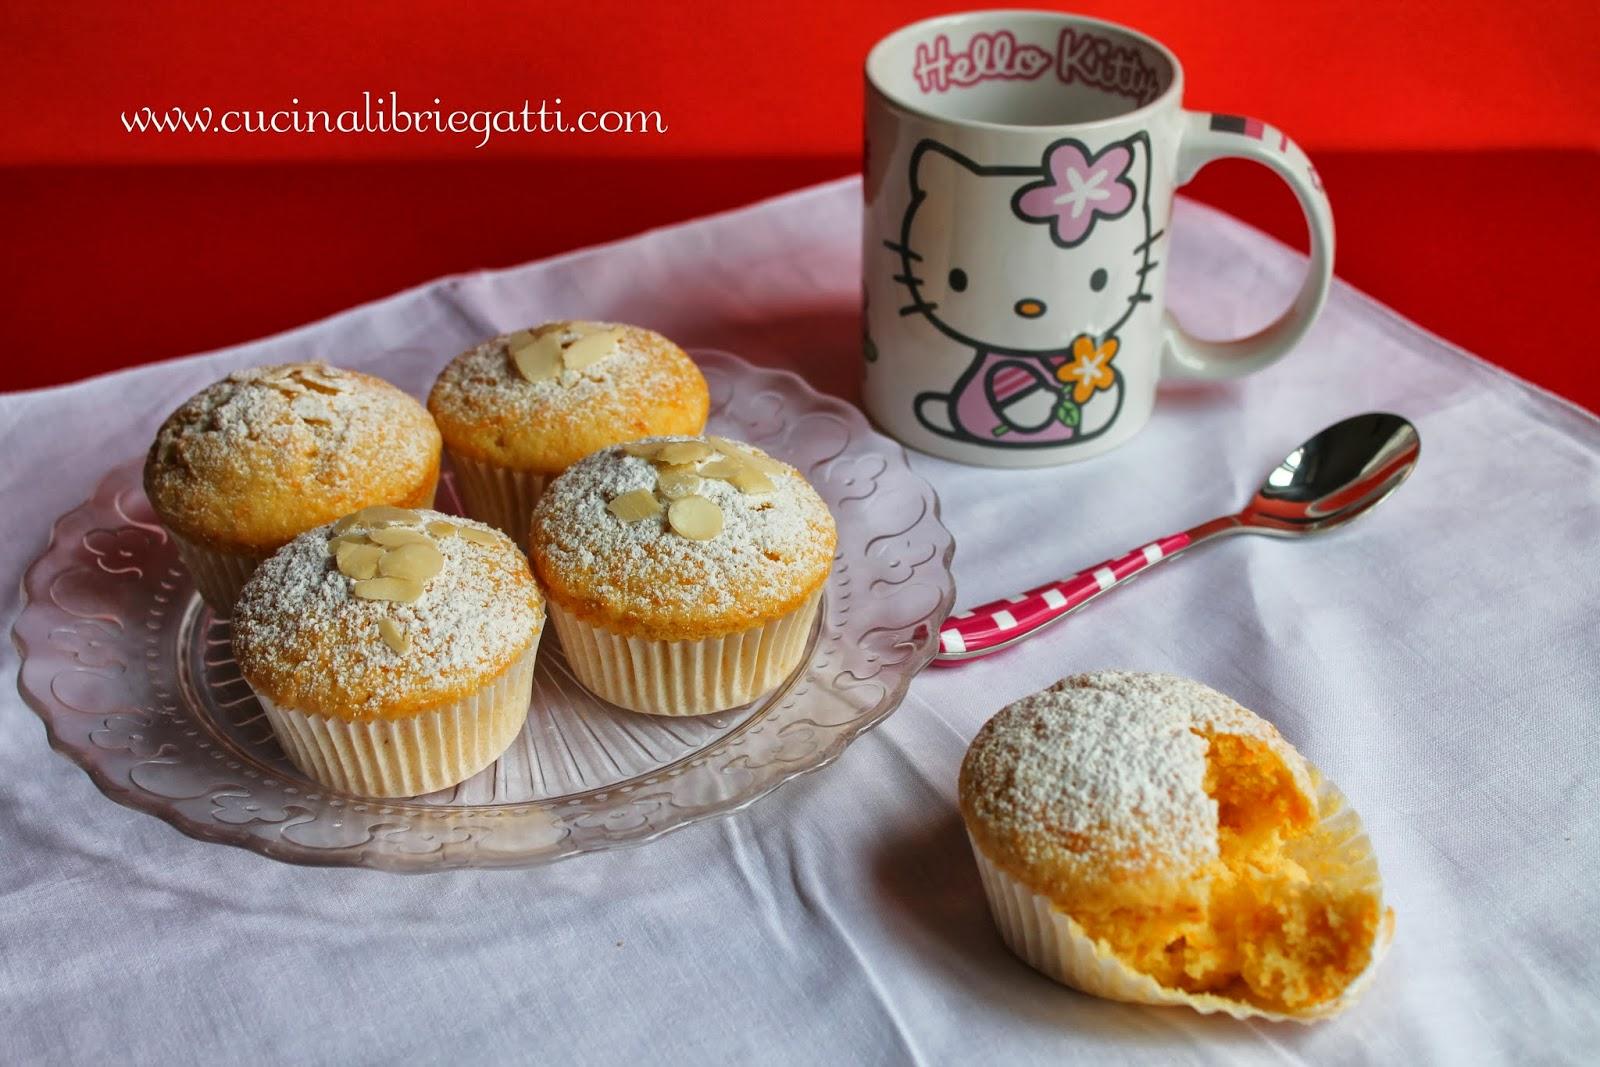 Muffin mandorle e carote cucina libri e gatti - Non dirgli mai che siamo stati a letto ...